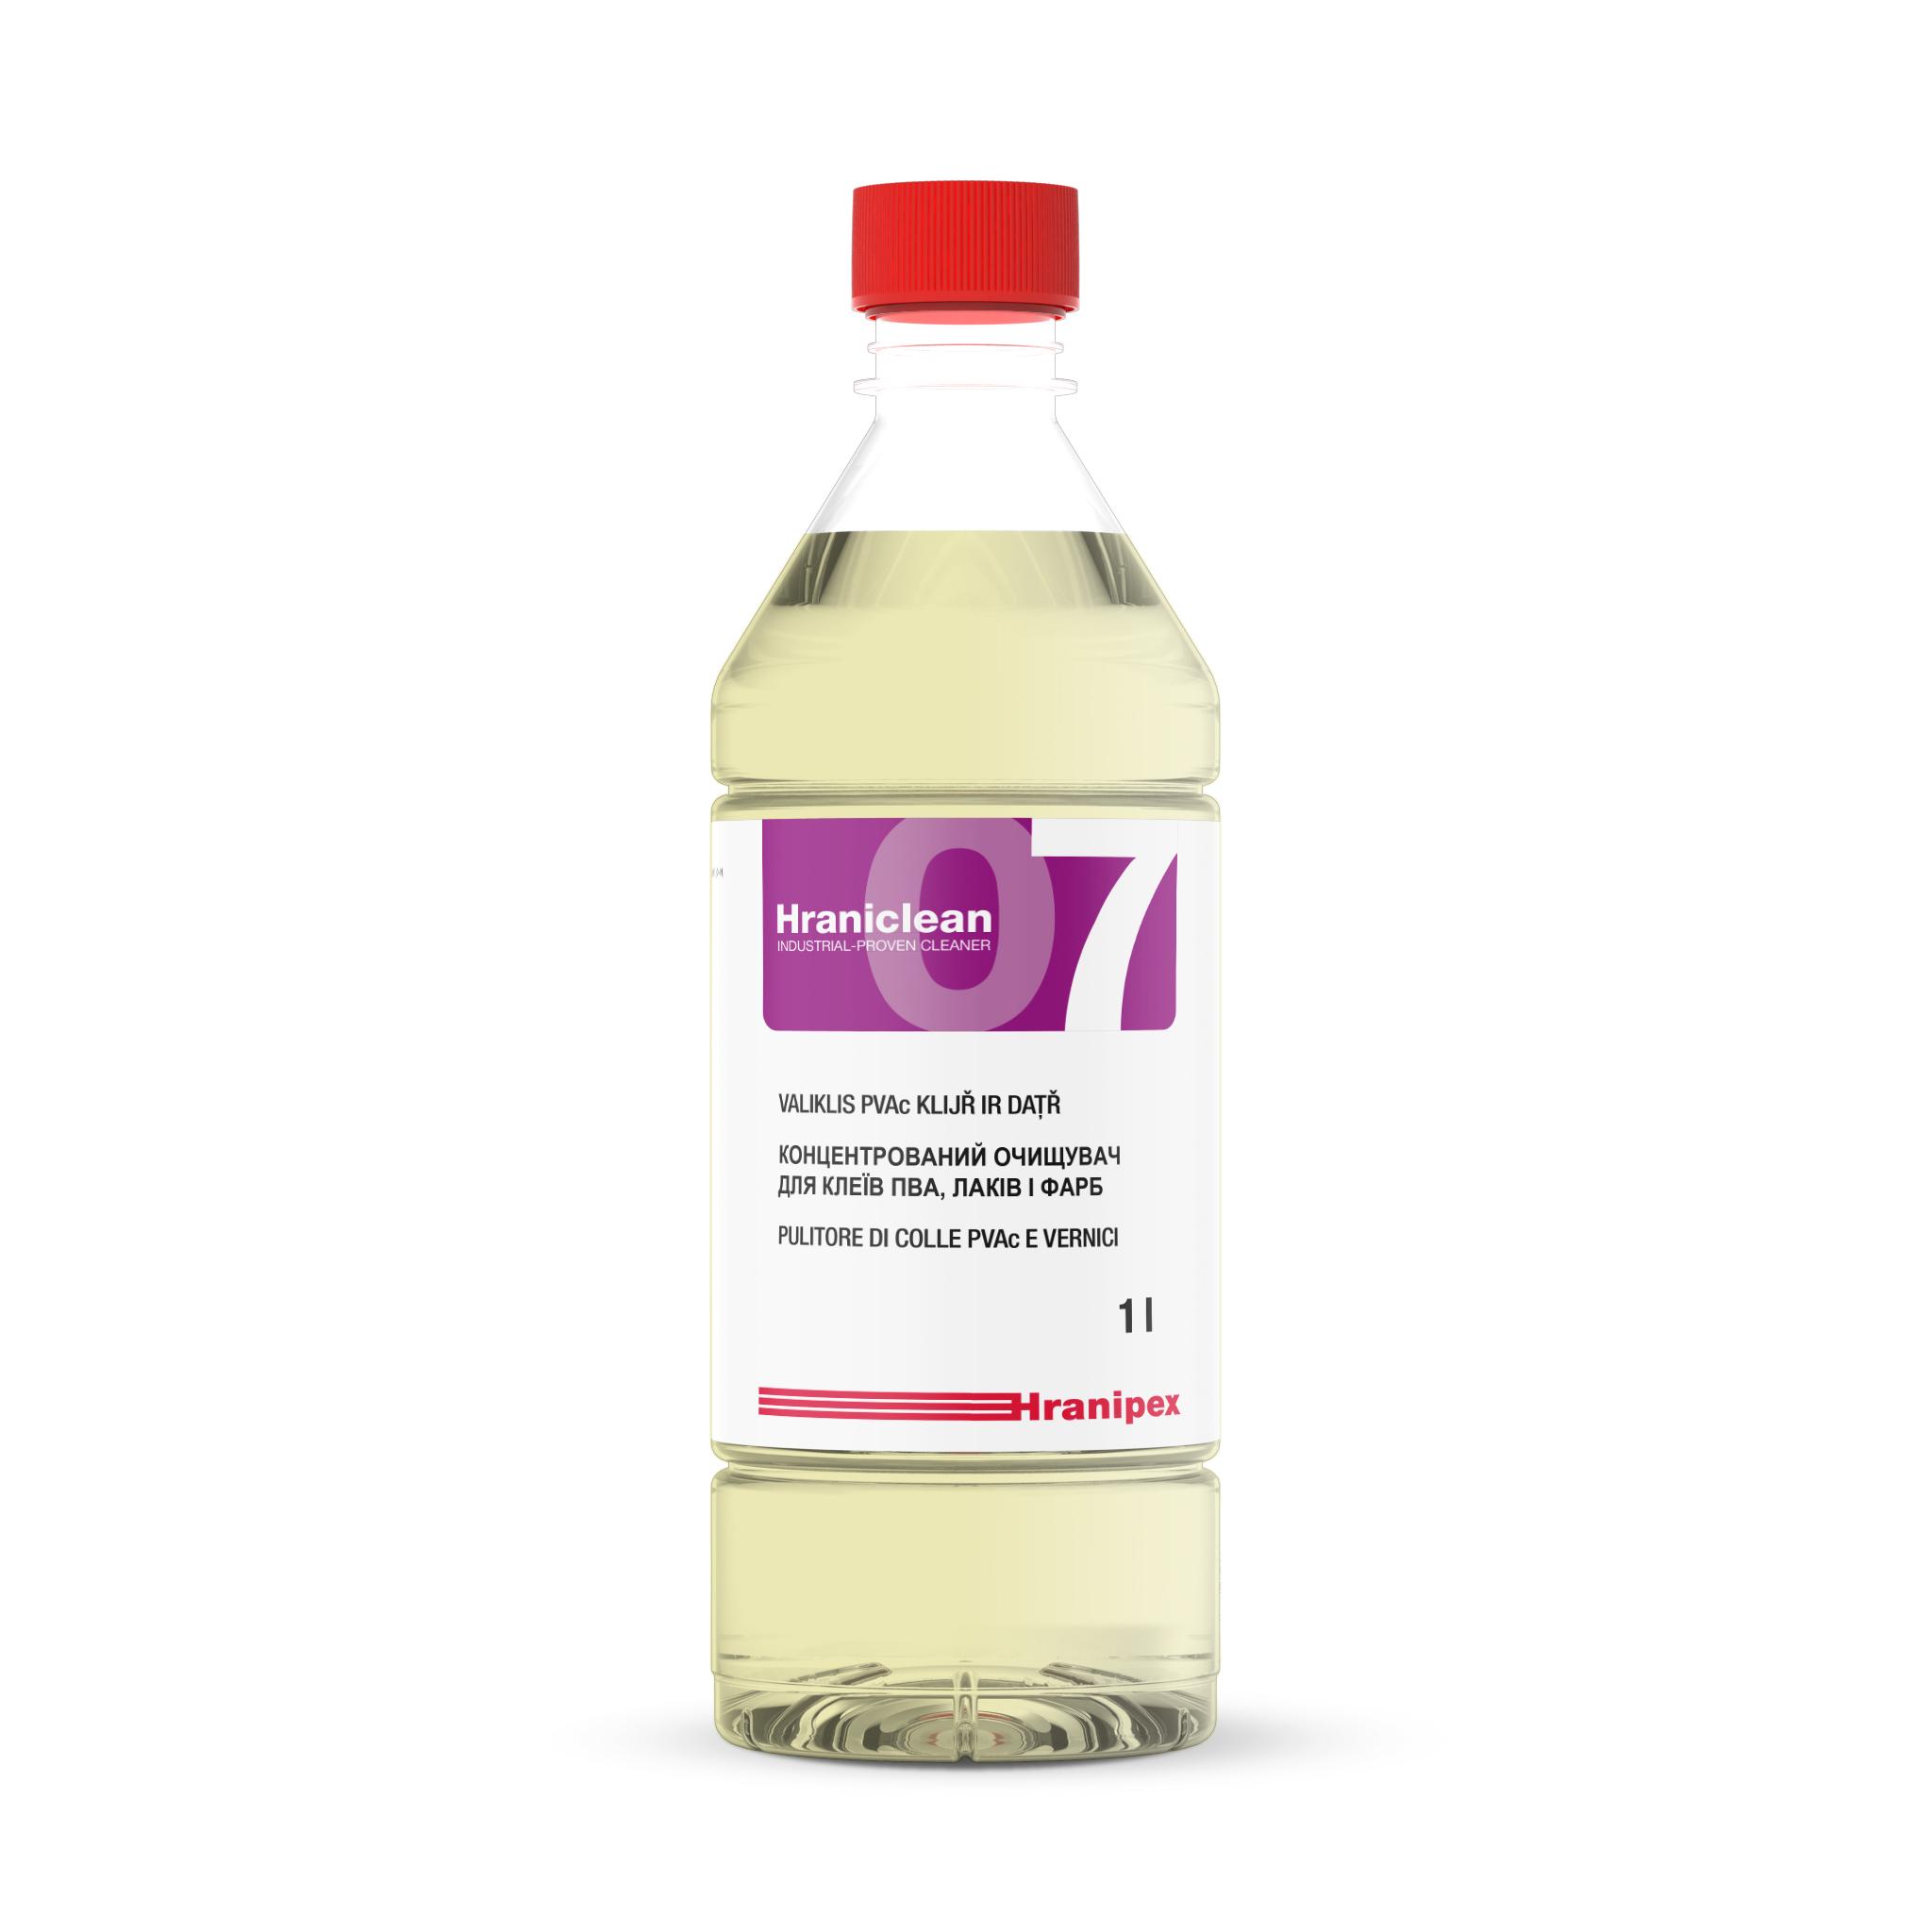 HRANICLEAN 07 - Detergente concentrato per vernici e colle PVAc 1 l